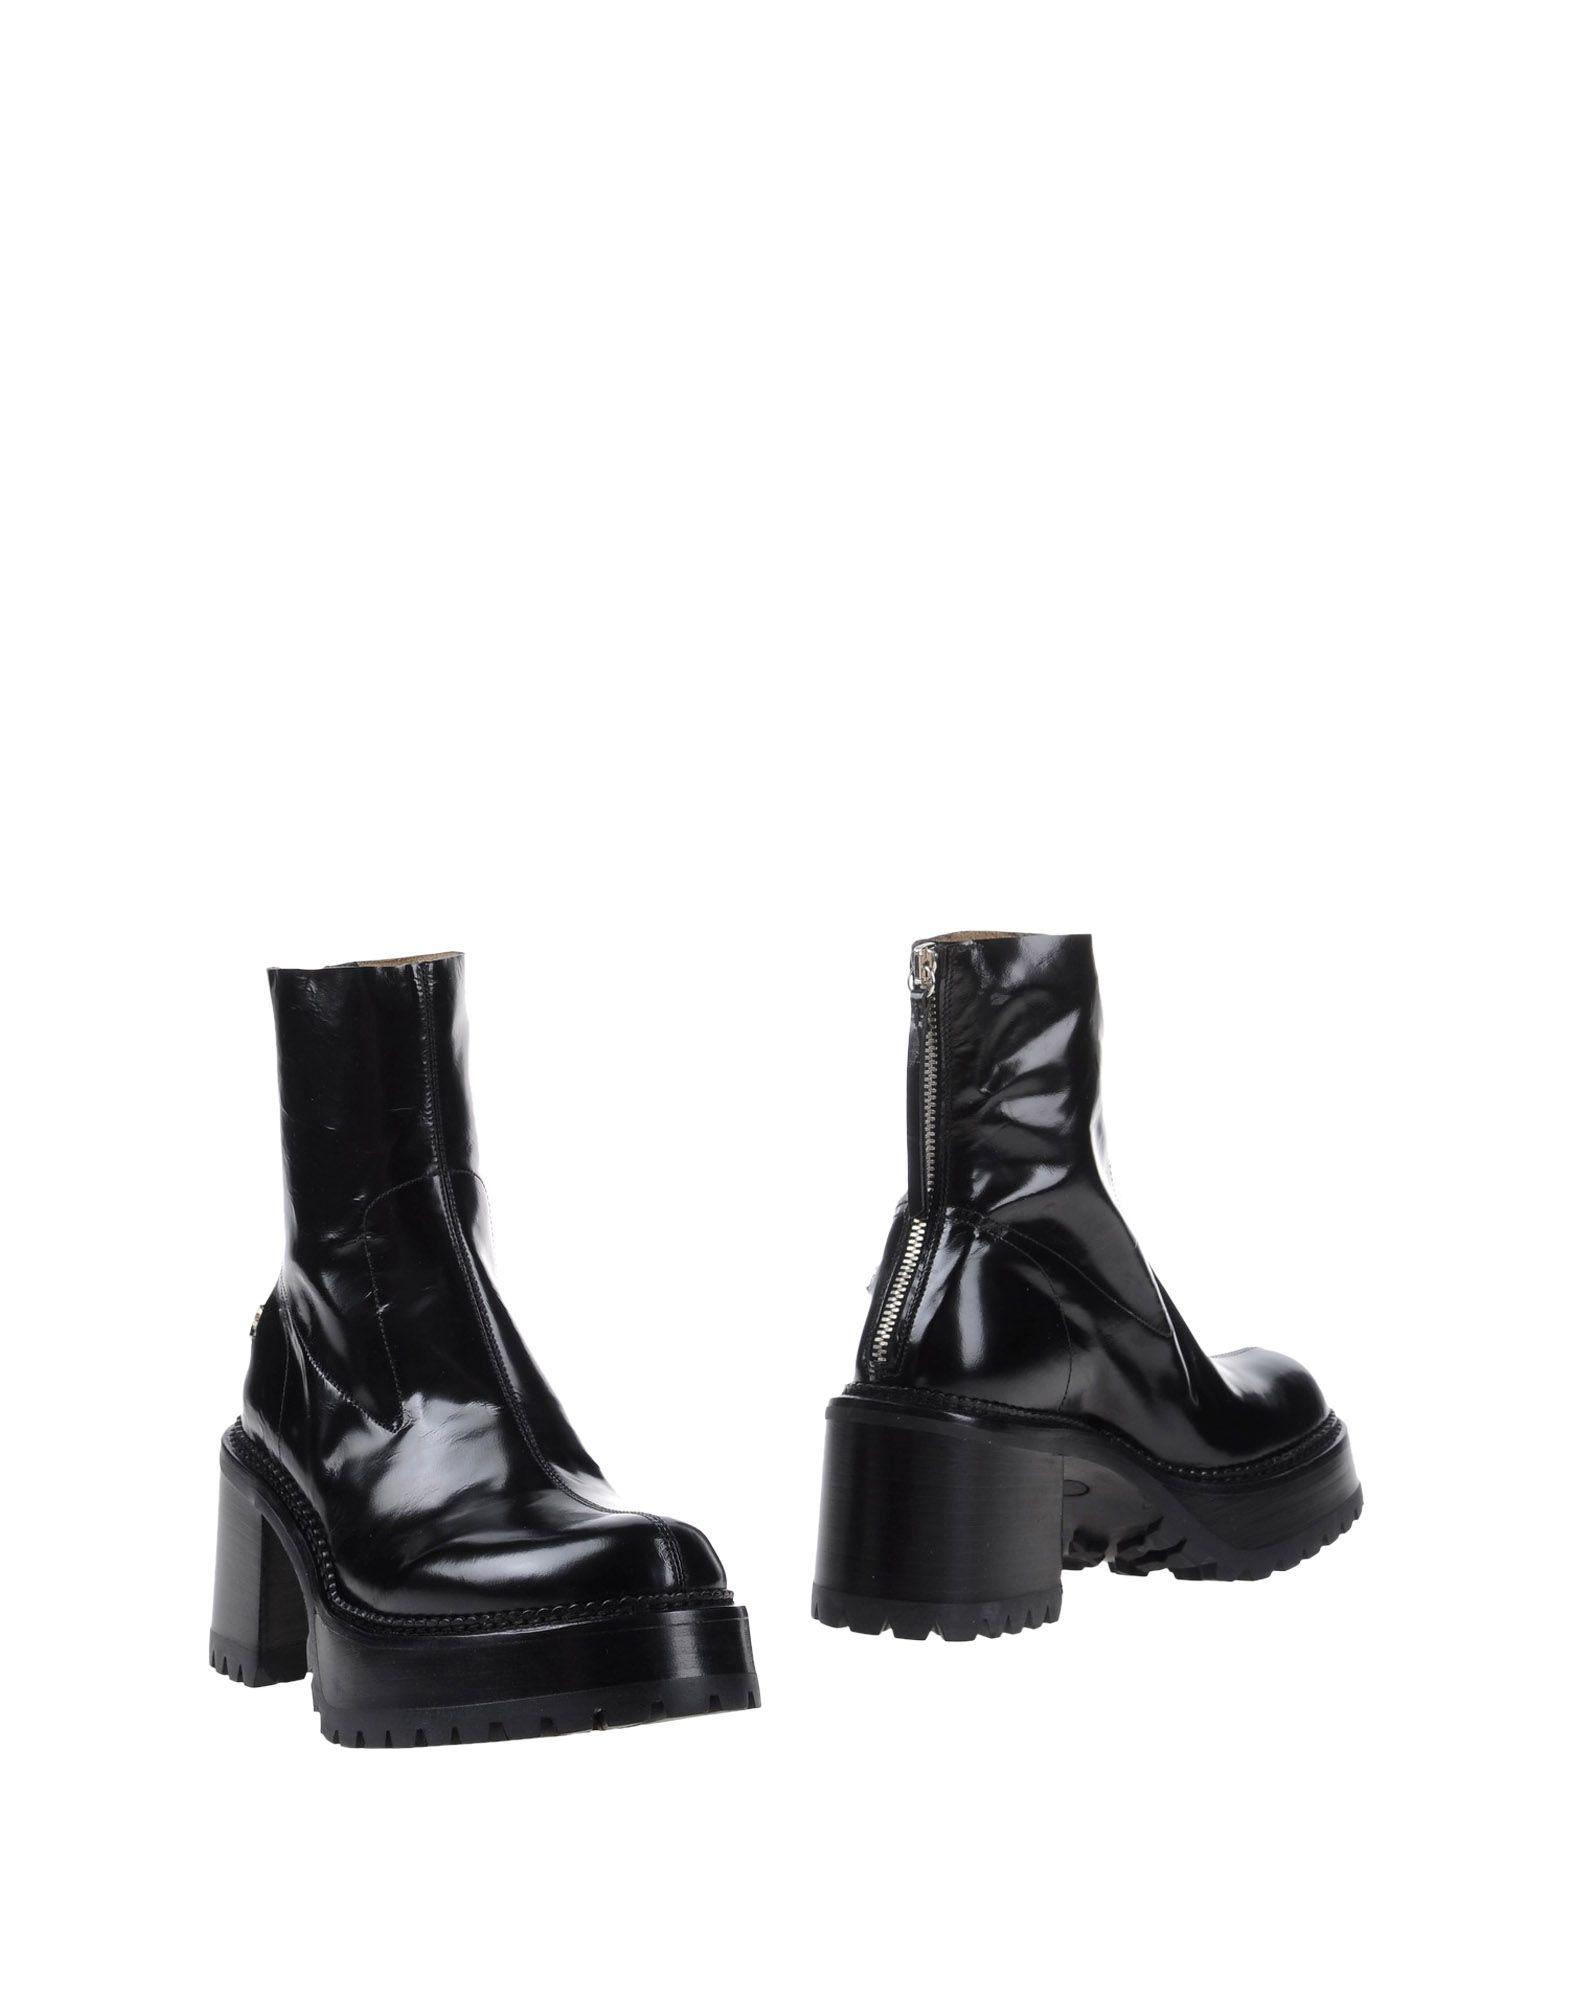 Premiata Stiefelette aussehende Damen  11010127EOGünstige gut aussehende Stiefelette Schuhe 7b311d